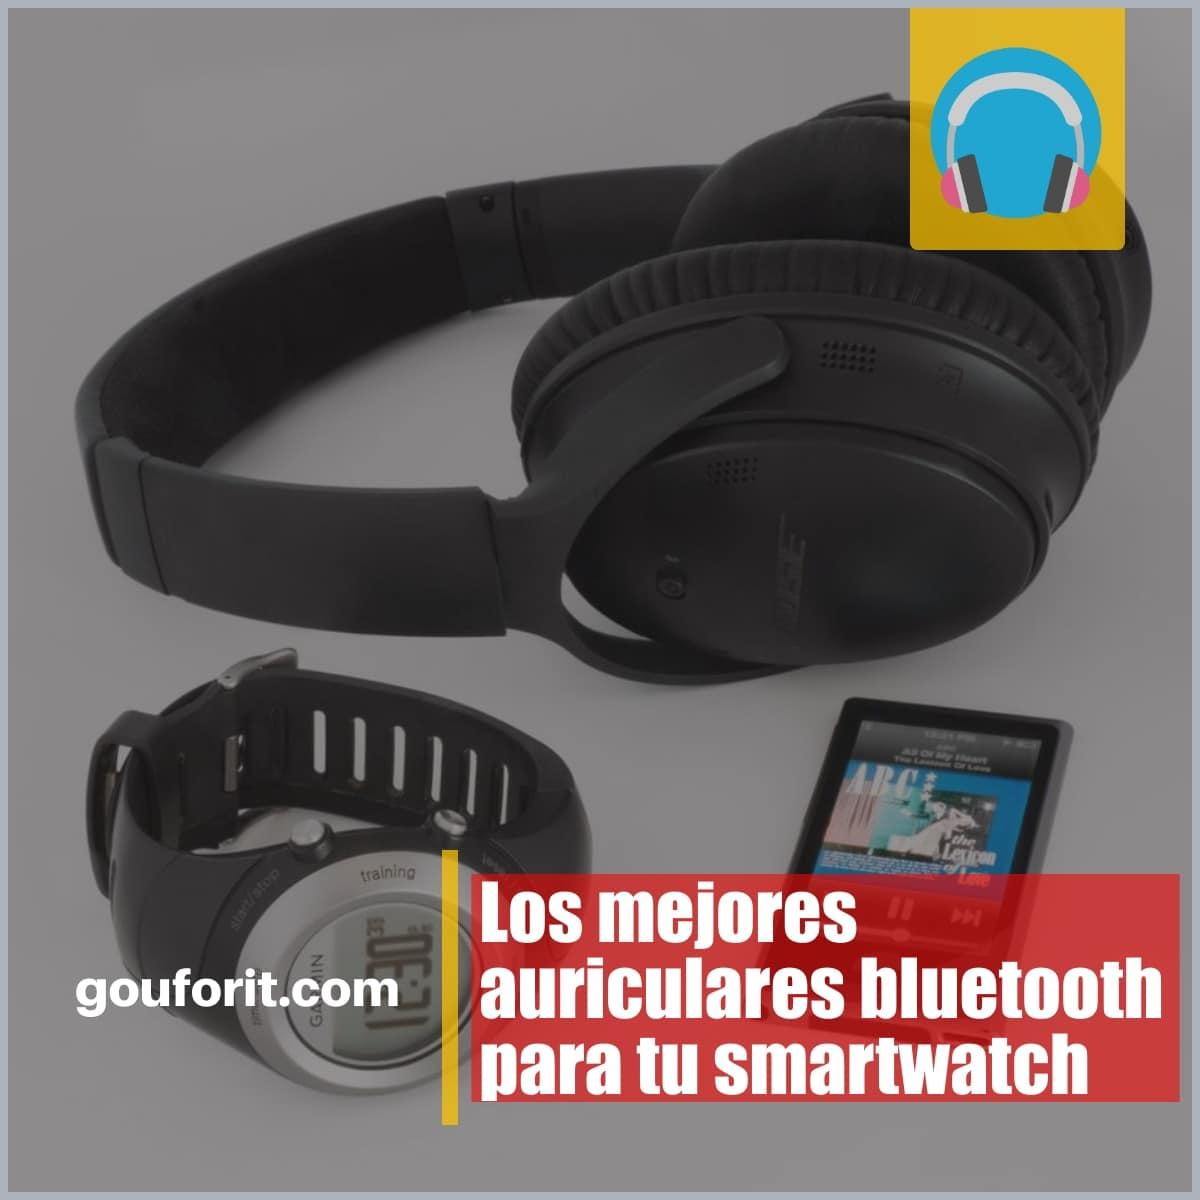 Los mejores auriculares bluetooth para tu smartwatch